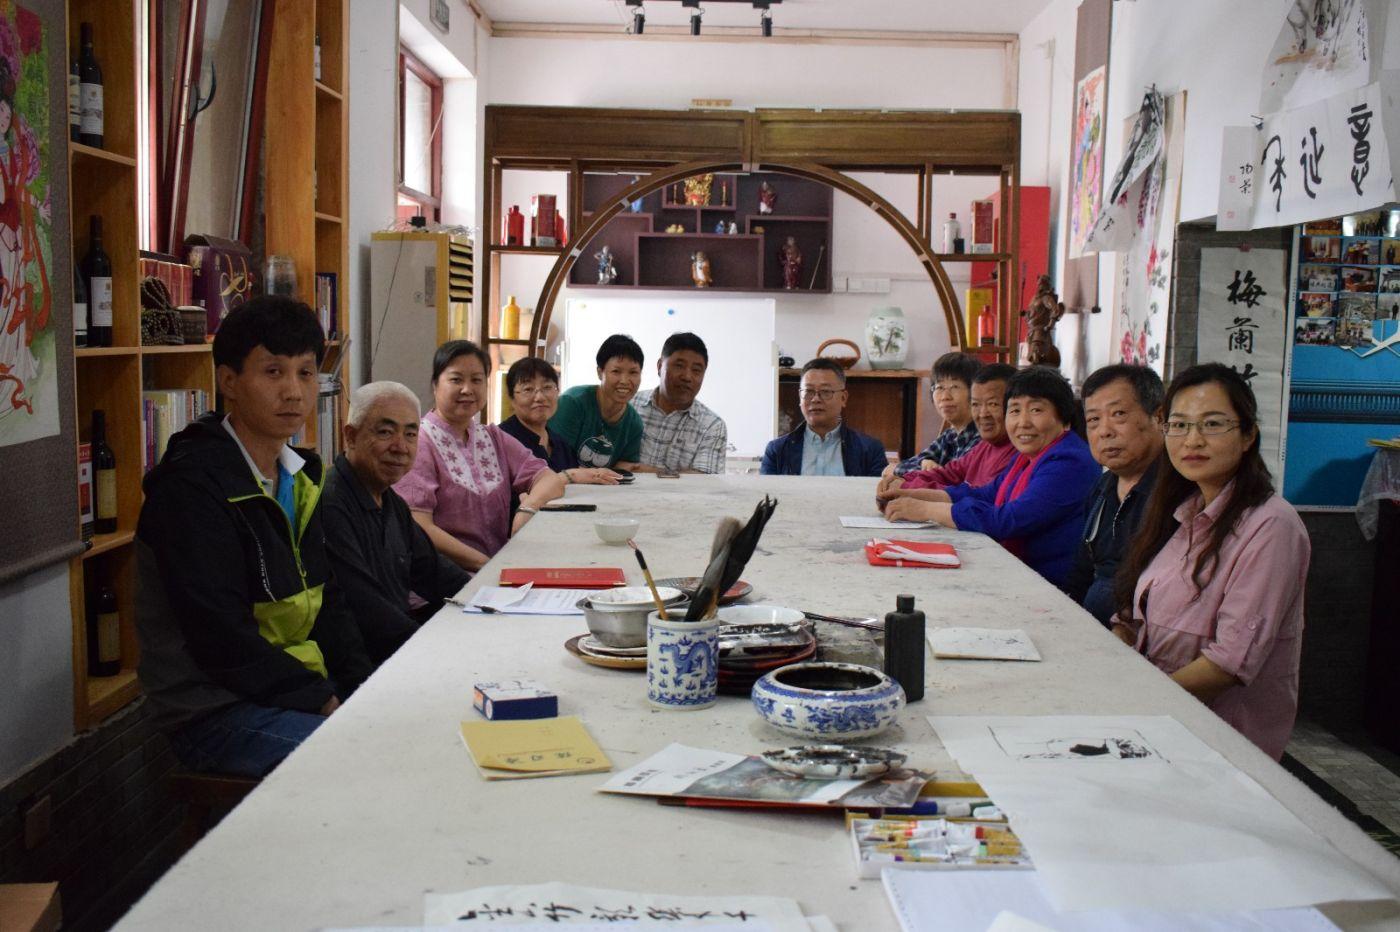 北京笔下乾坤志愿团队成立_图1-4